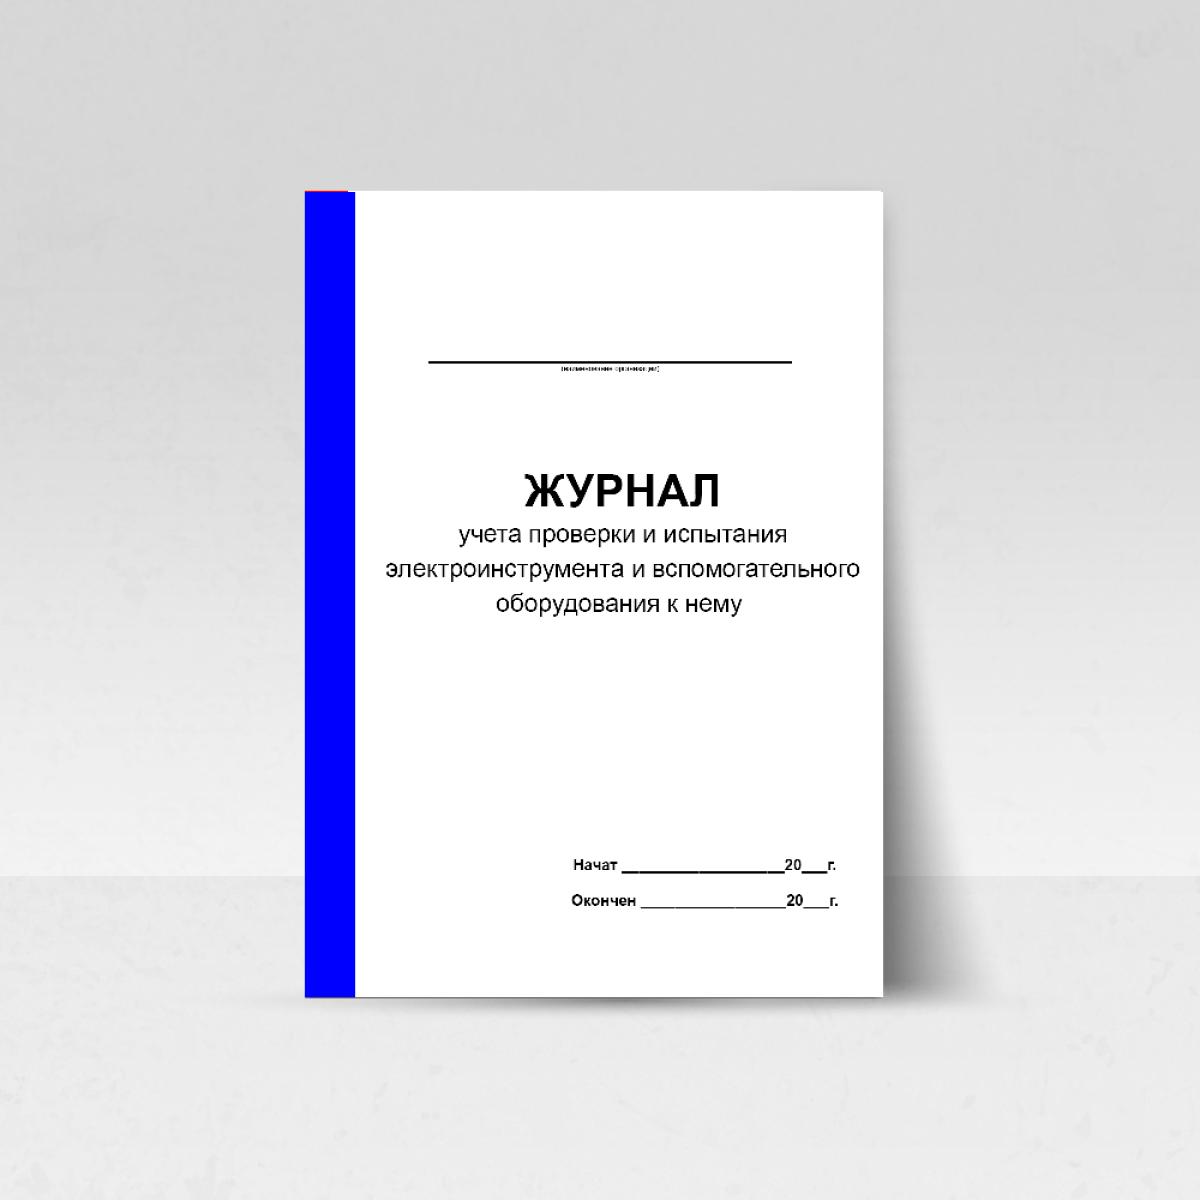 Журнал учета проверки и испытания электроинструмента и вспомогательного оборудования к нему